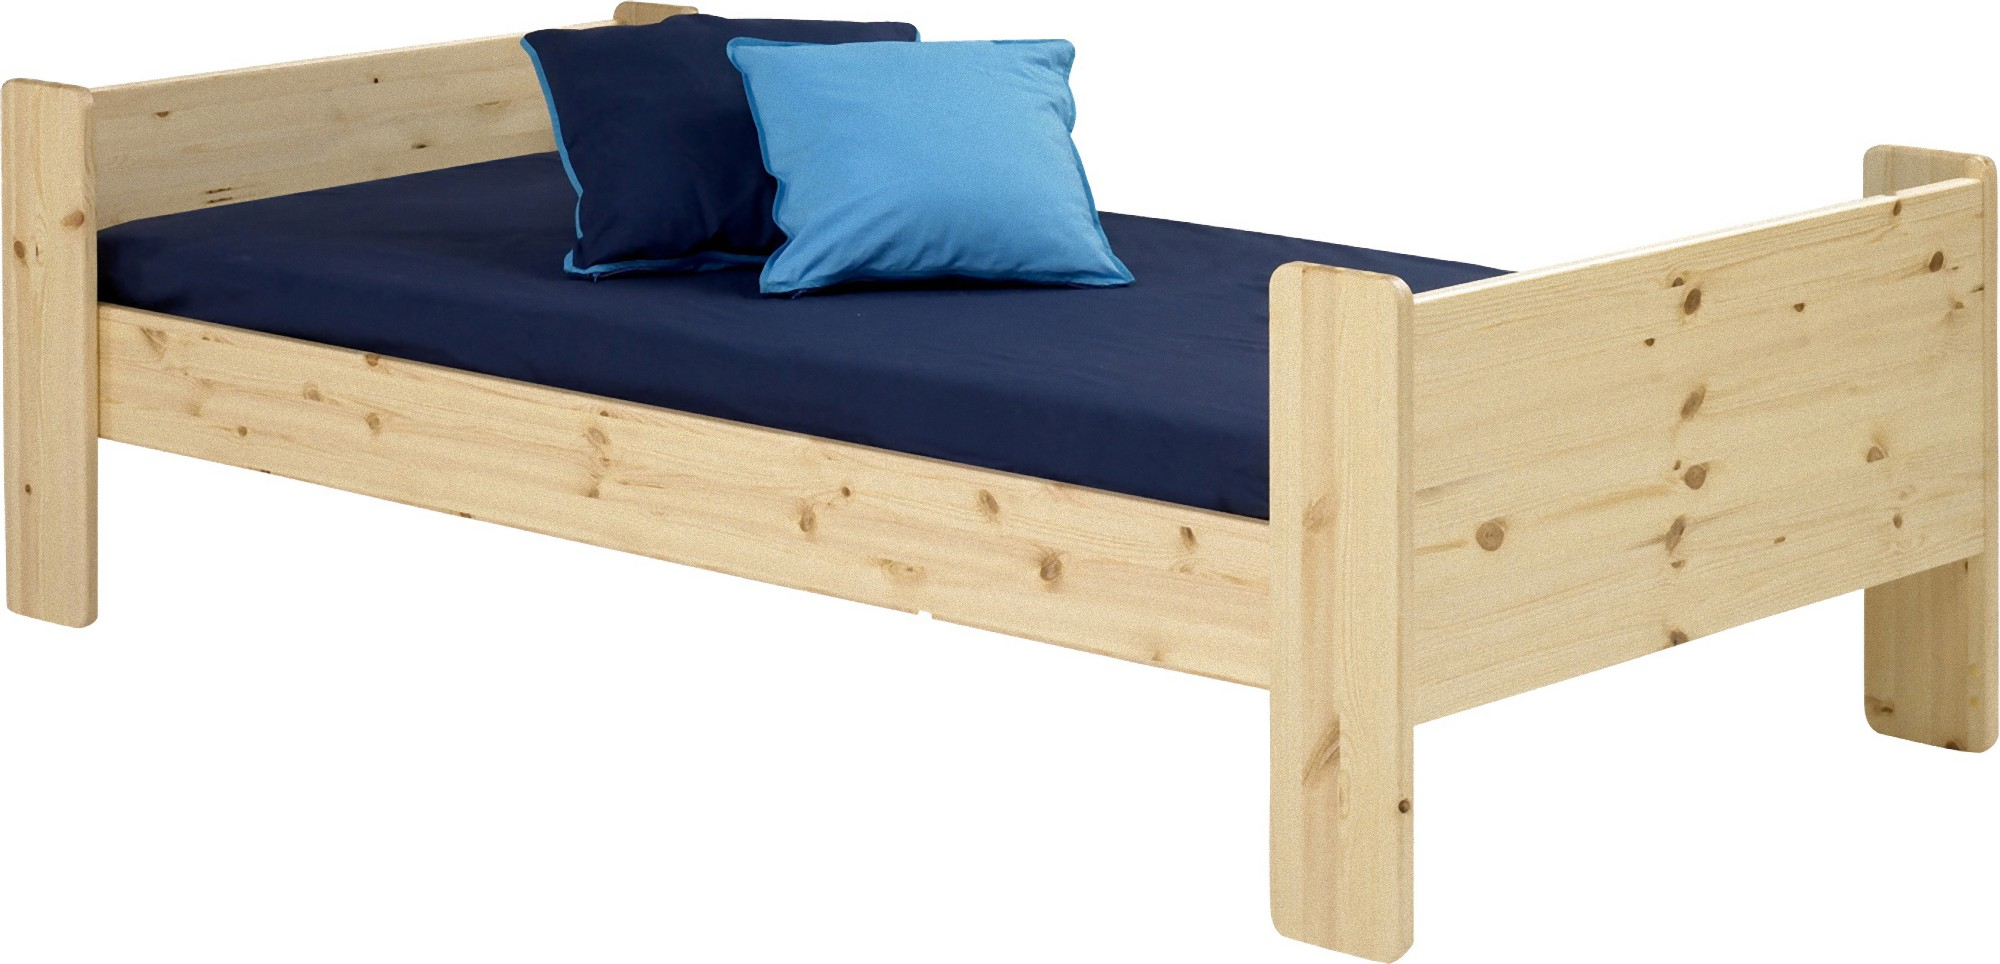 Full Size of Molly Kids Kiefer Kinderbett 90x200 Kinderzimmer Holz Bett Betten Für Teenager Kleinkind Kopfteil Box Spring überlänge Prinzessin Bette Floor Bett Bett Einzelbett